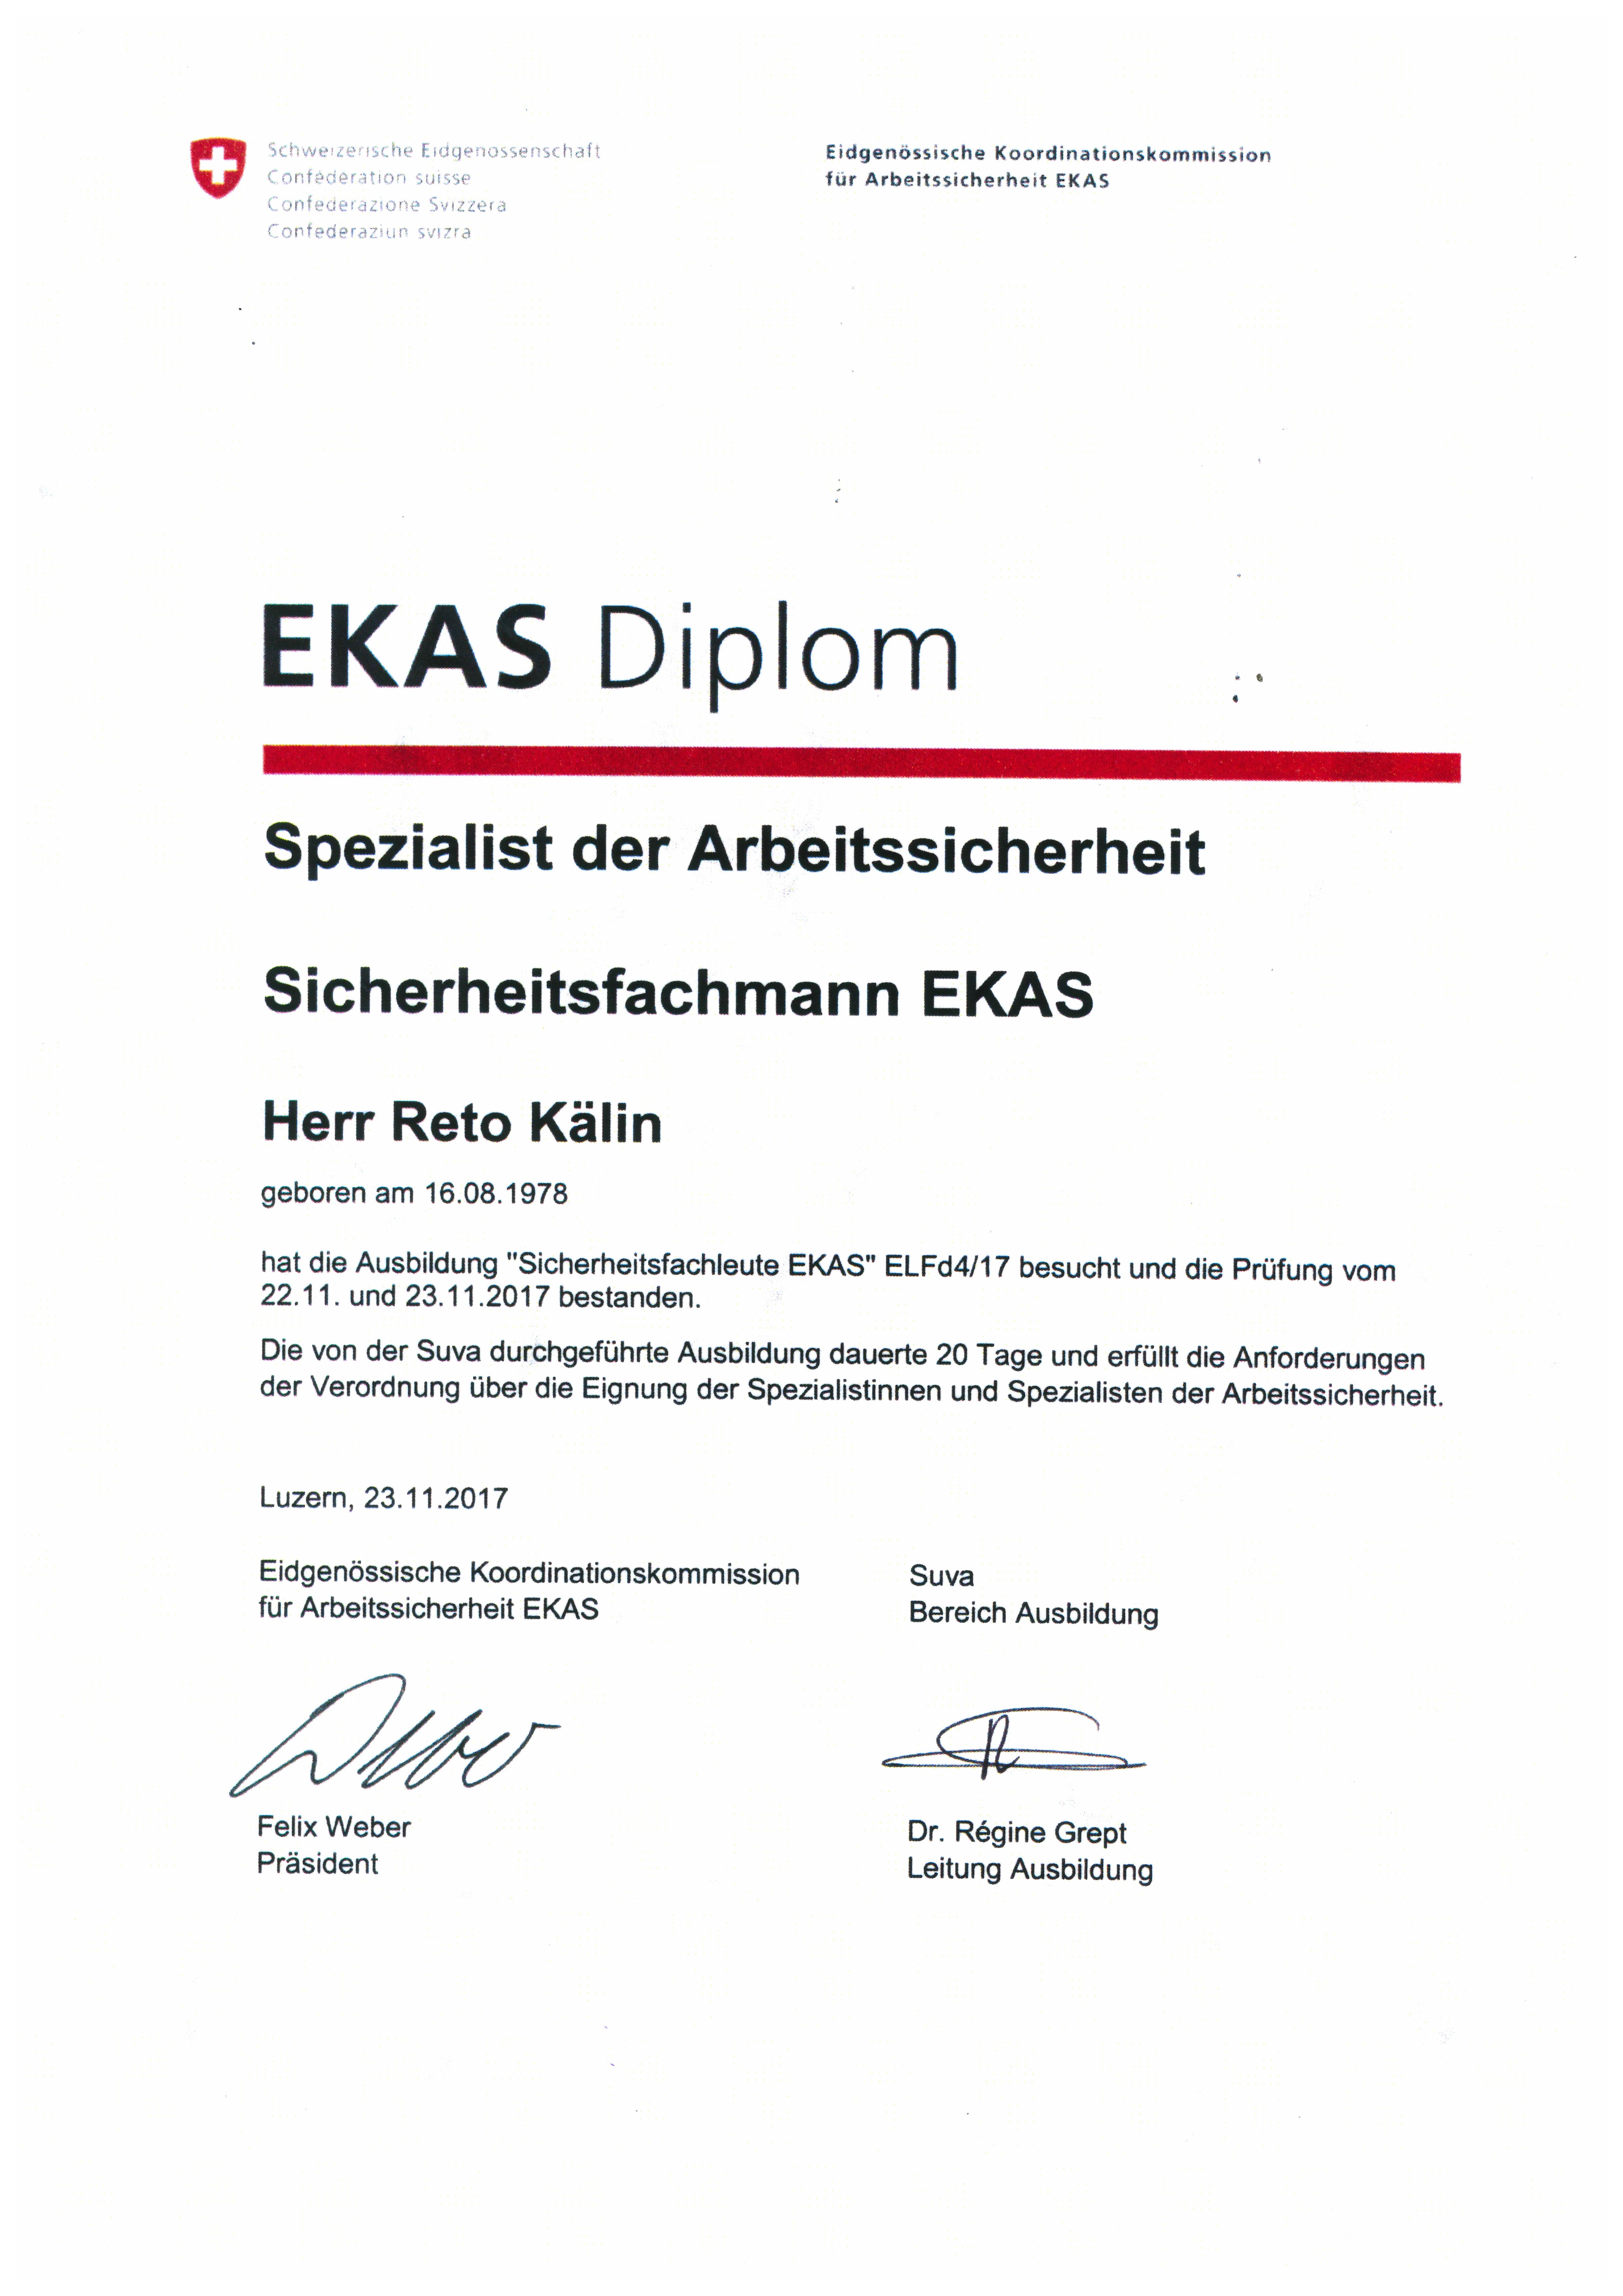 Sandstrahlwerk First, 8835 Feusisberg - Zertifikat Reto Kälin ...